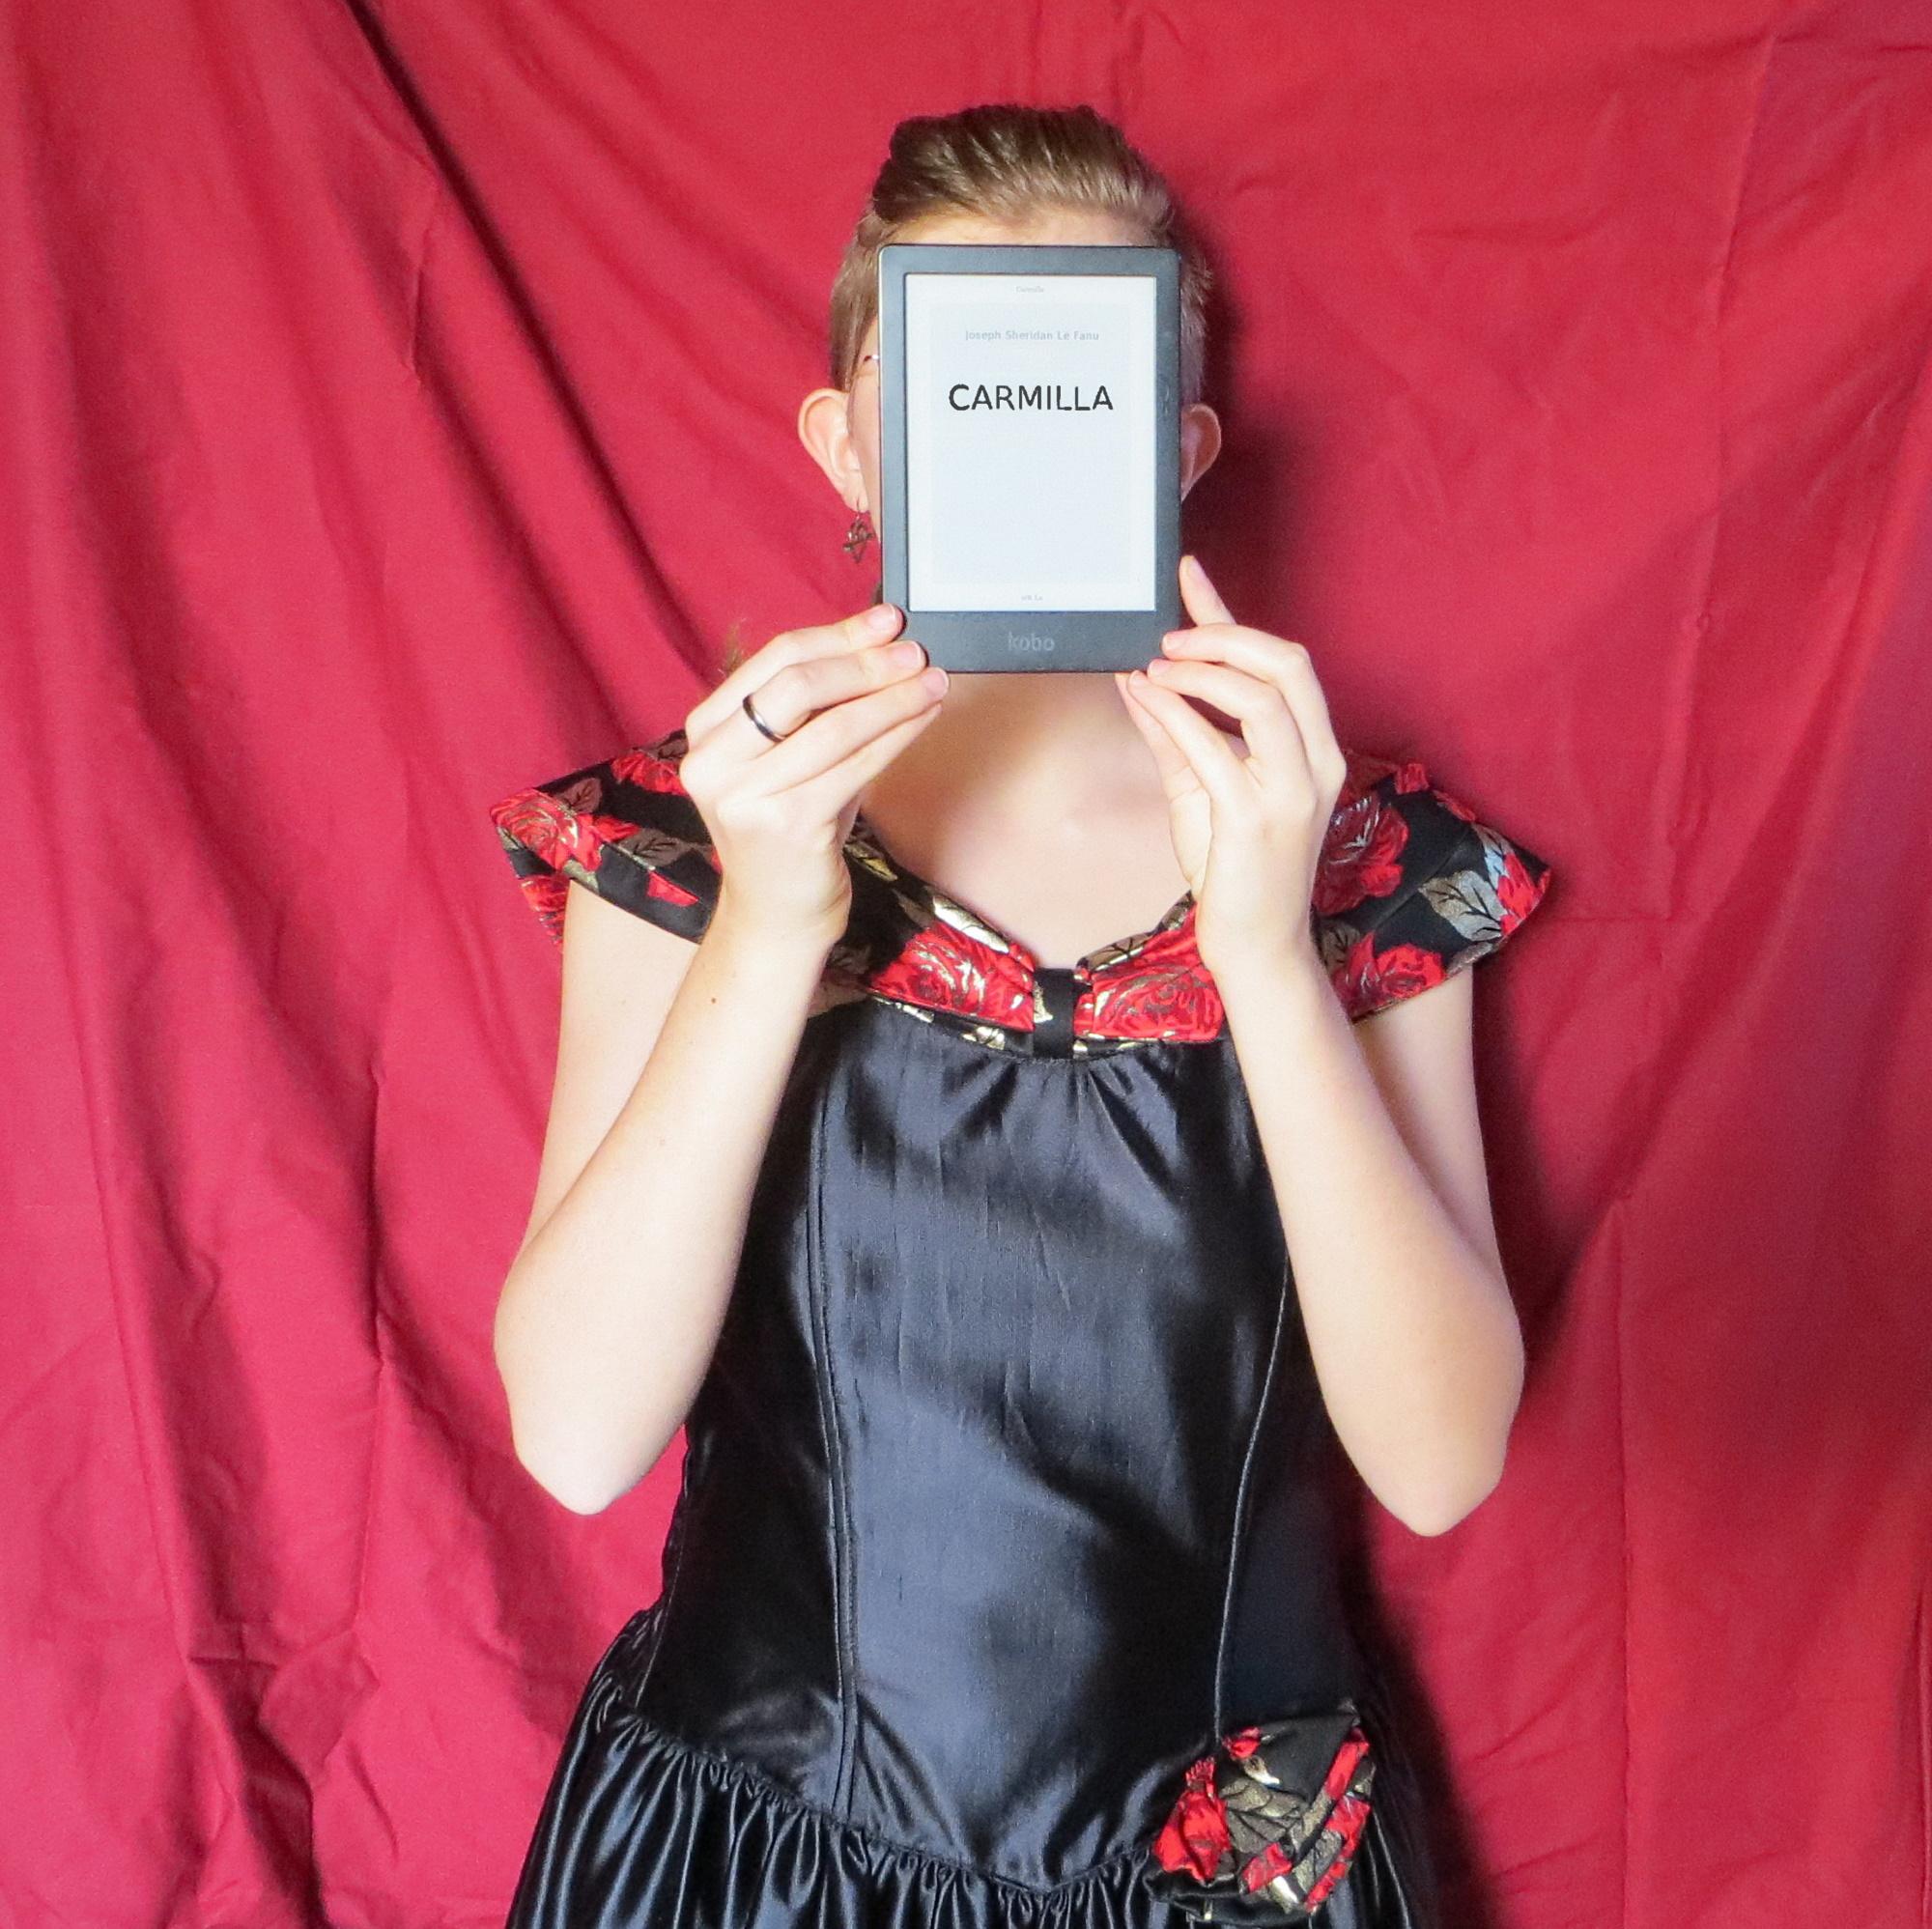 femme en robe bustier noire et rouge, type renaissance, brandissant sa liseuse avec le couverture de Carmilla, devant un drap rouge